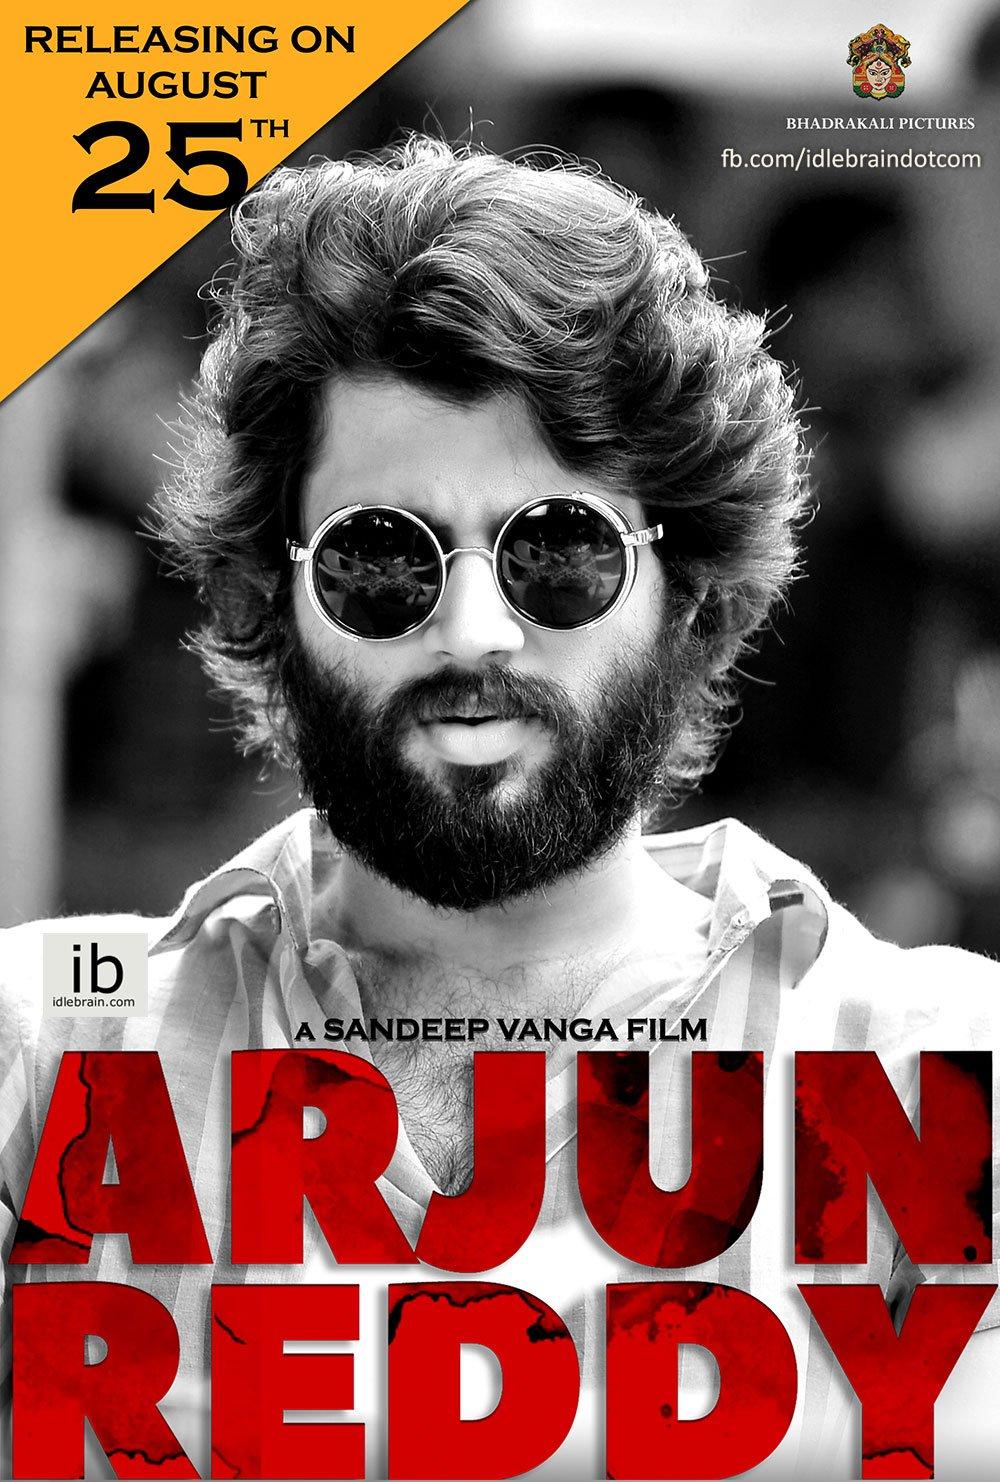 image Arjun Reddy Watch Full Movie Free Online